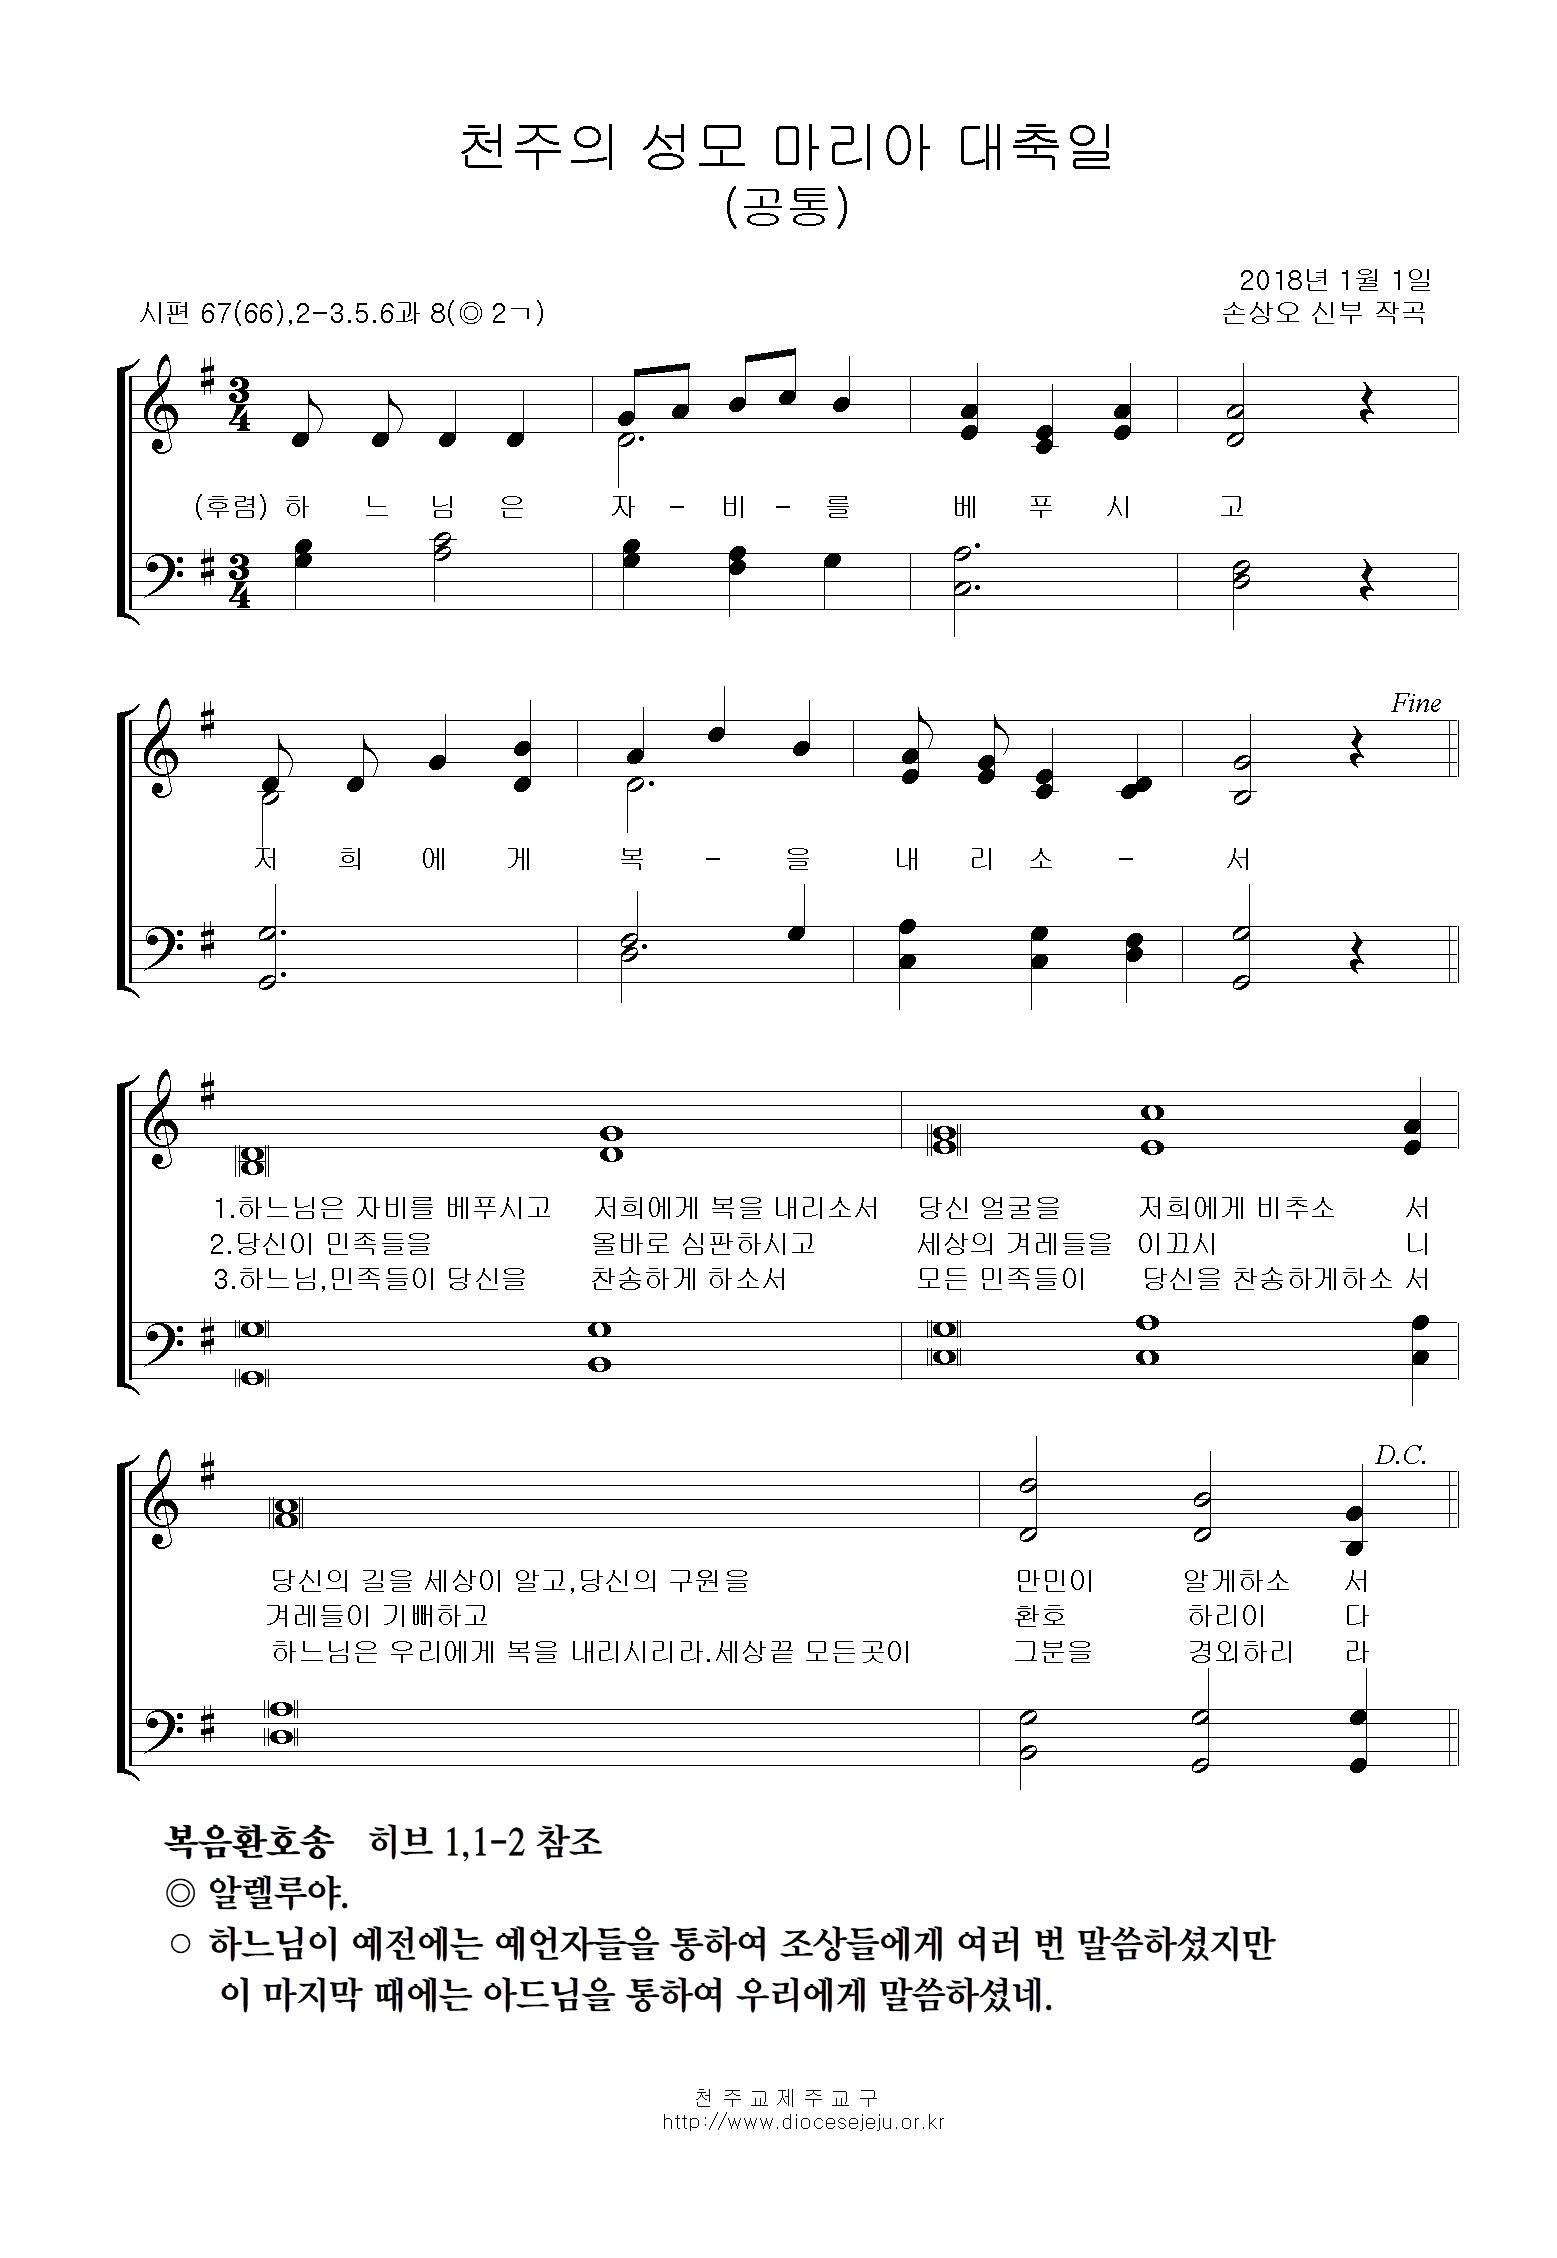 20180101-천주의성모마리아대축일(공통).jpg